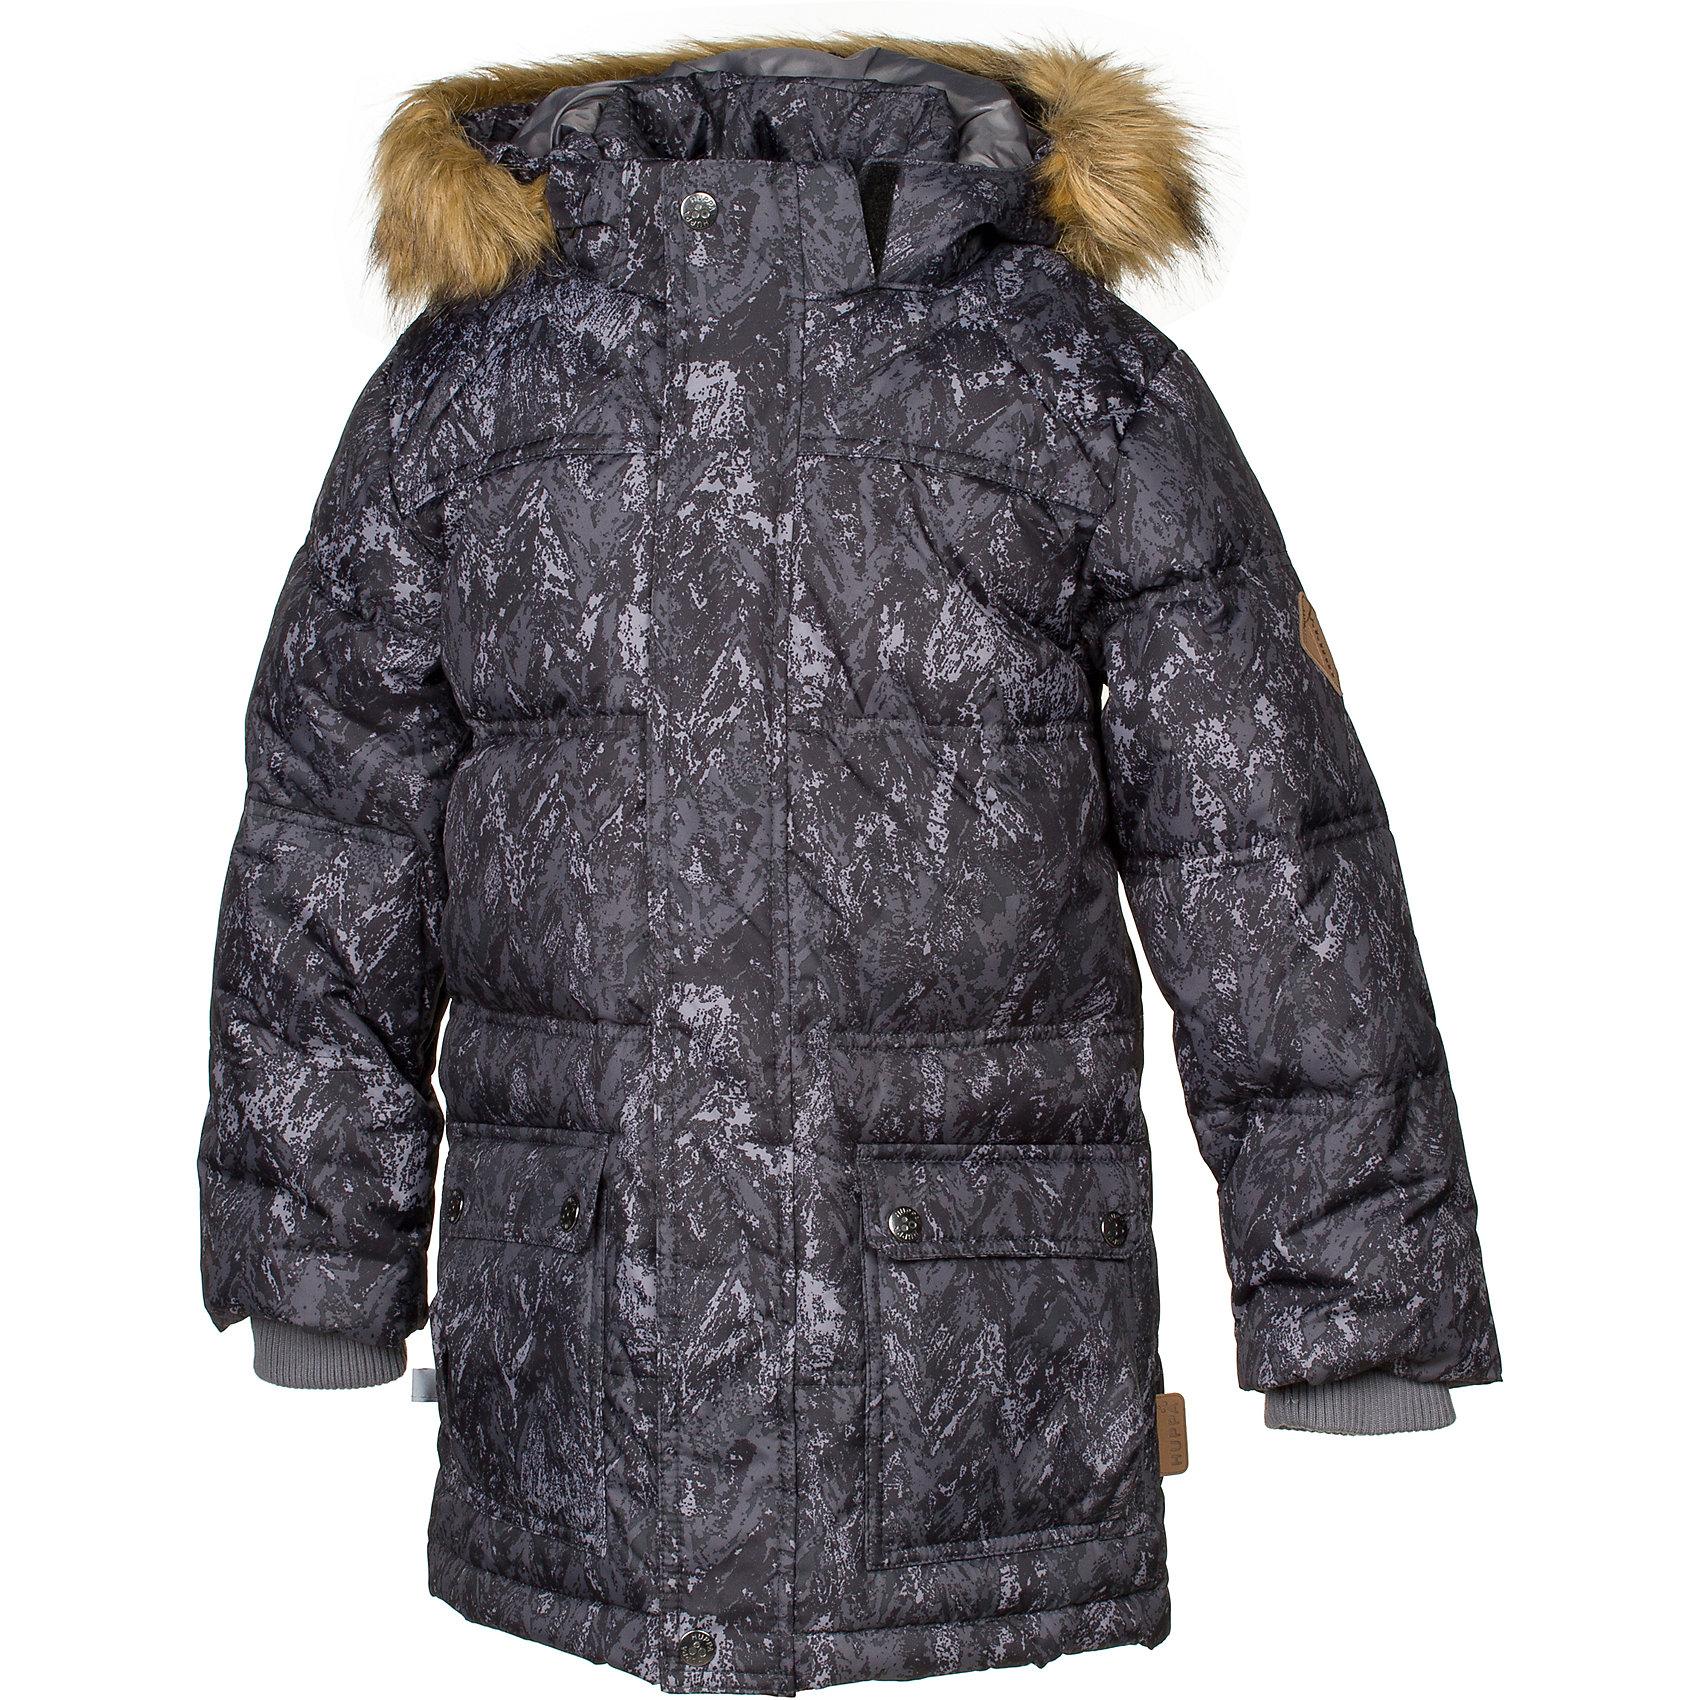 Куртка LUCAS Huppa для мальчикаЗимние куртки<br>Характеристики товара:<br><br>• модель: Lucas;<br>• цвет: черный принт;<br>• пол: мальчик;<br>• состав: 100% полиэстер;<br>• утеплитель: 50% пух, 50% перо.;<br>• подкладка: тафта,полиэстер;<br>• сезон: зима;<br>• температурный режим: от - 5 до - 30С;<br>• водонепроницаемость: 5000 мм;<br>• воздухопроницаемость: 5000 г/м2/24ч;<br>• влагоустойчивая и дышащая ткань;<br>• двухсторонняя молния;<br>• воротник-стойка застегивается на застежку-молнию и кнопки;<br>• безопасный капюшон при необходимости, отстегивается;<br>• мех на капюшоне съемный;<br>• низ рукавов дополнен эластичными манжетами;<br>• карманы на молнии;<br>• светоотражающие детали для безопасности ребенка;<br>• страна бренда: Финляндия;<br>• страна изготовитель: Эстония.<br><br>Стильная молодёжная парка Lucas для мальчиков выполнена  из влагоустойчивой и дышащей ткани, которая позволяет сохранить внутри собственное тепло ребенка и препятствует попаданию извне холодного воздуха. Её поверхность очень просто очистить от любых загрязнений.<br><br>Голову украшает отстёгивающийся капюшон, обрамлённый съемным мехом. Прямой крой придаёт парке модный спортивный вид. Двусторонняя молния спрятана за декоративной планкой. Бегунок молнии открывается/закрывается снизу и сверху. Карманы на молнии. В рукава вшиты вязаные манжеты. Они прекрасно защищают парня от снега и ветра.Имеются светоотражательные элементы.<br><br>Разрабатываемая дизайнерами компании Хуппа детская одежда полностью отвечает климатическим особенностям нашей страны.<br><br>Куртку Lucas для мальчика бренда HUPPA  можно купить в нашем интернет-магазине.<br><br>Ширина мм: 356<br>Глубина мм: 10<br>Высота мм: 245<br>Вес г: 519<br>Цвет: черный<br>Возраст от месяцев: 168<br>Возраст до месяцев: 180<br>Пол: Мужской<br>Возраст: Детский<br>Размер: 170,110,116,122,128,134,140,146,152,158,164<br>SKU: 7025263